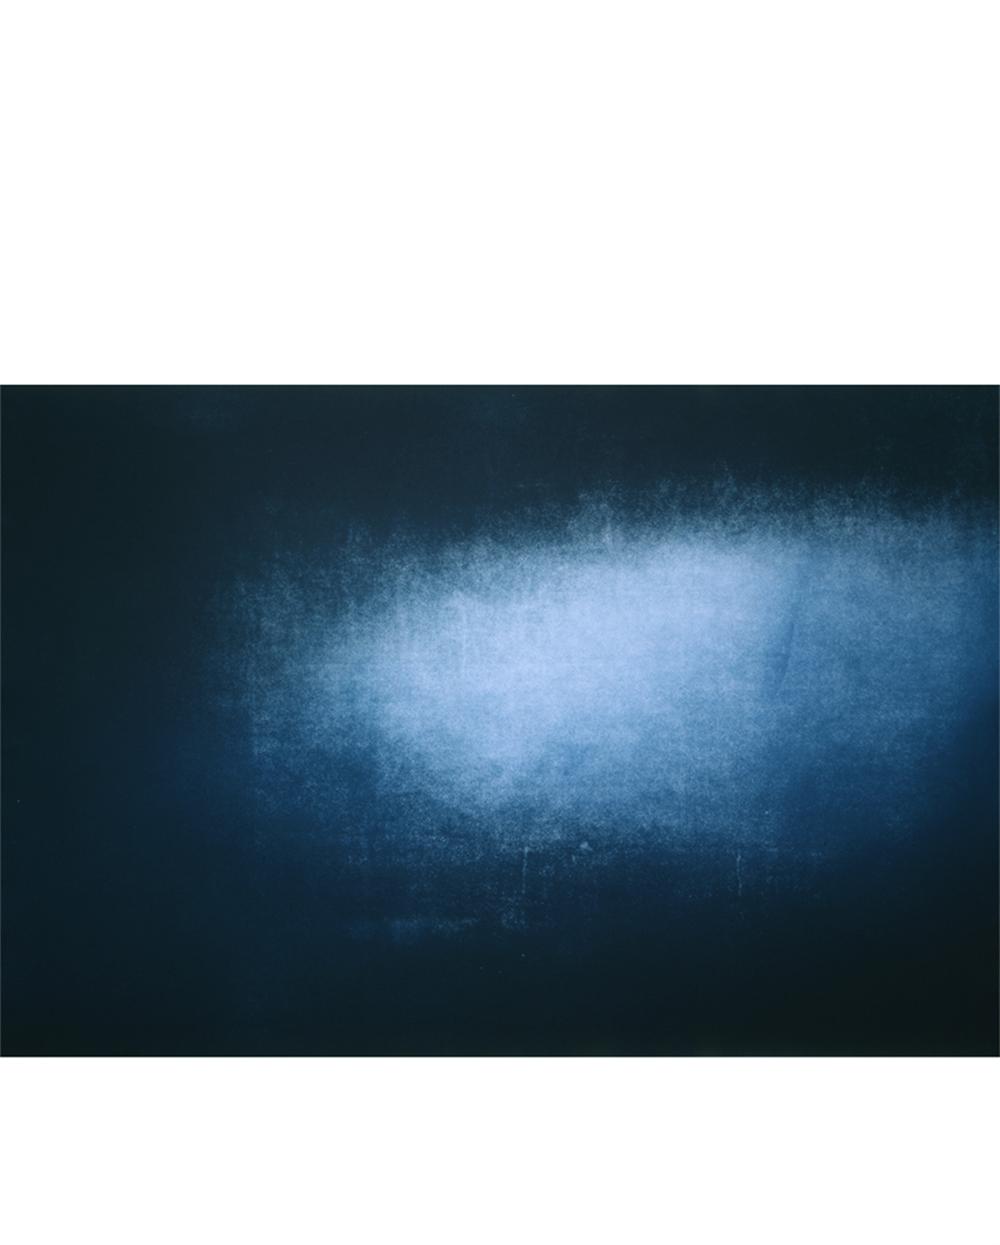 """Riding the Line (001) Color aquatint 42"""" x 35"""" 2006"""